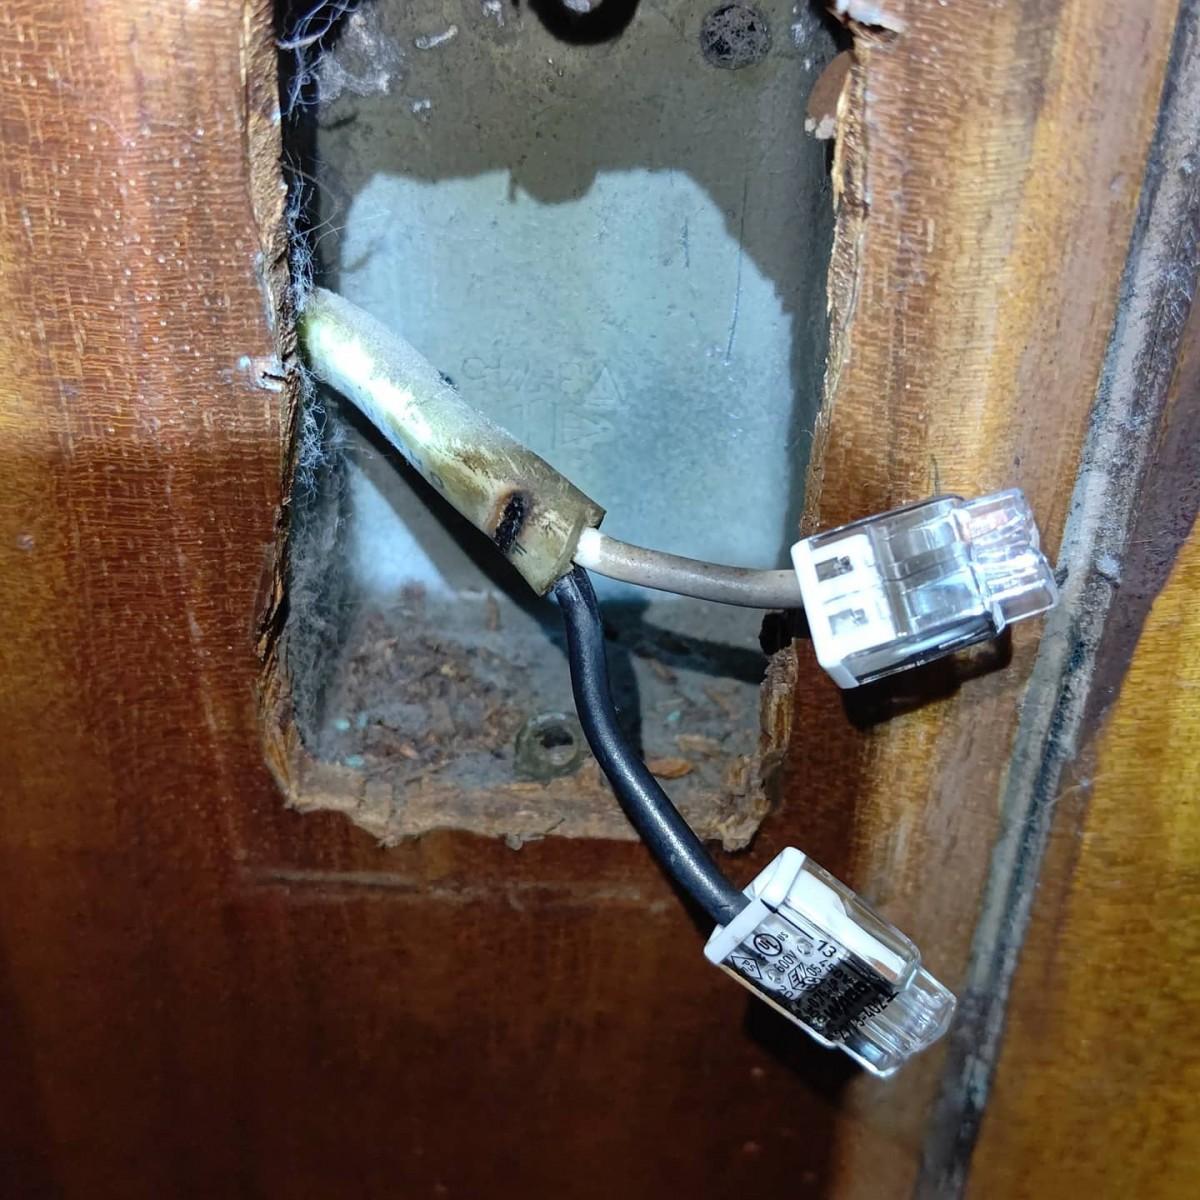 漏電改修工事!築60年近いマンションの1室、不良回路特定して事故点探すも、えらい分岐させてて大変でした。水回りと2部屋+キッチンの一部が一回路になっている。リフォーム履歴あるようですが分電盤が埋込なので回路数増やせなかったんでしょうか。漏電原因は外灯と判明しましたが、水回りは回路を分けることにしました。配線器具も古いものをお使いだったので交換。電線燃えた?ような形跡もあります。ようやく絶縁良好!外灯はペンキでガチガチなので後日入替となりました。#漏電 #不良改修 #火災 #絶縁不良 #電気火災 #感電 #マンション #電気工事 #配線工事 #リフォーム工事 #防犯設備 #オザワデンキ #有限会社小沢電機商会 #品川区大崎